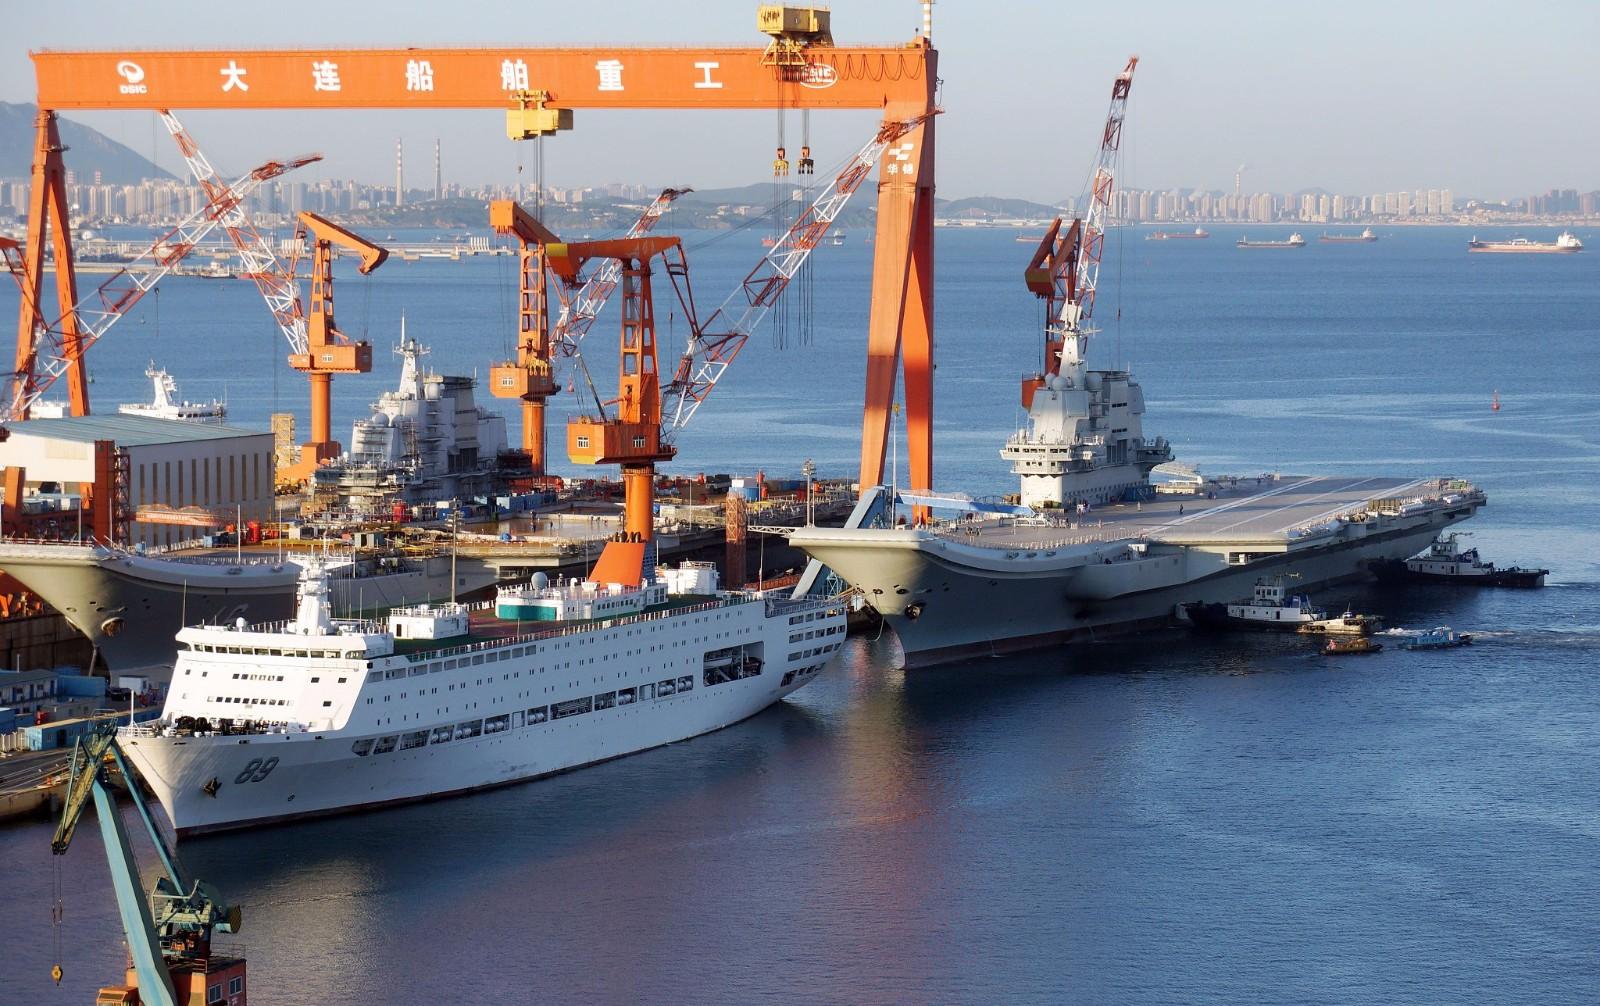 大连造船厂航母_国产航母完成第二次海试 已返回大连造船厂|国产航母|造船厂 ...